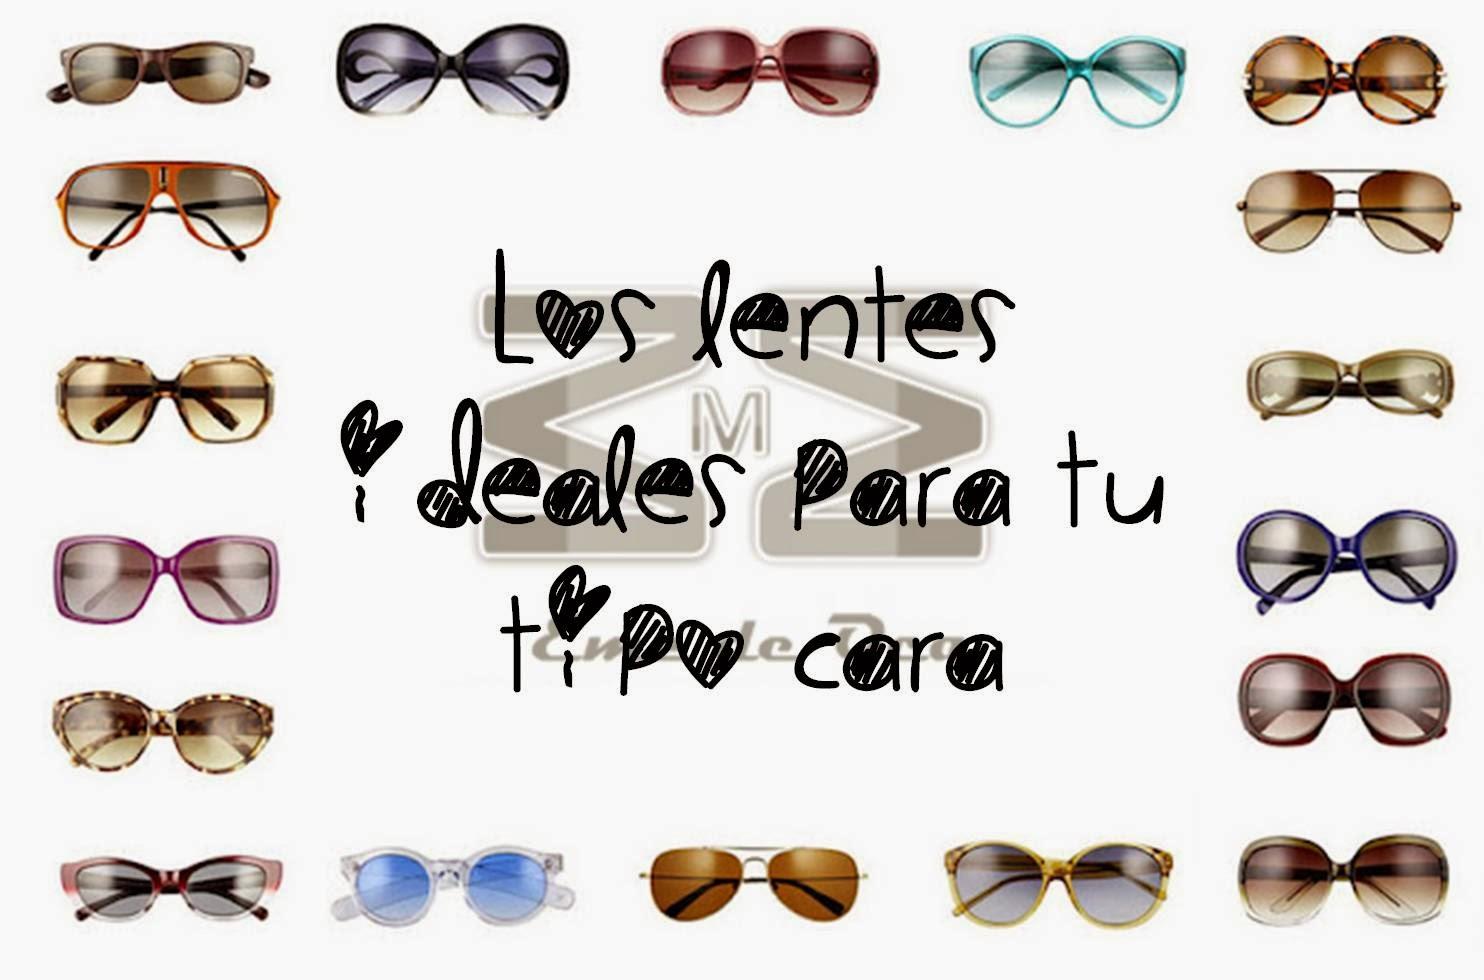 Eme de Oca: Los lentes ideales para tu tipo de cara